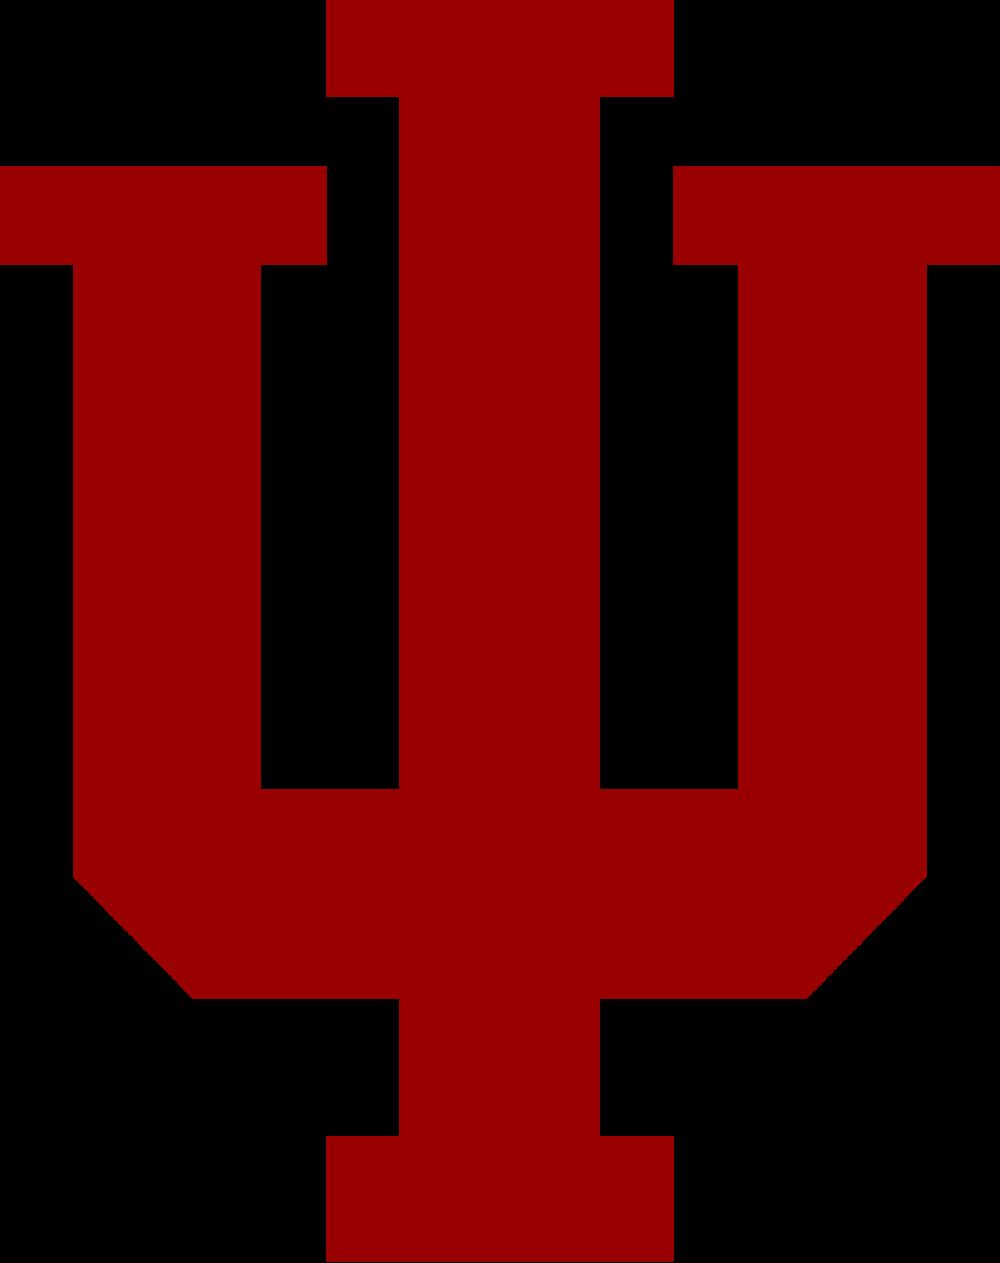 Indiana_Hoosiers_logo.png